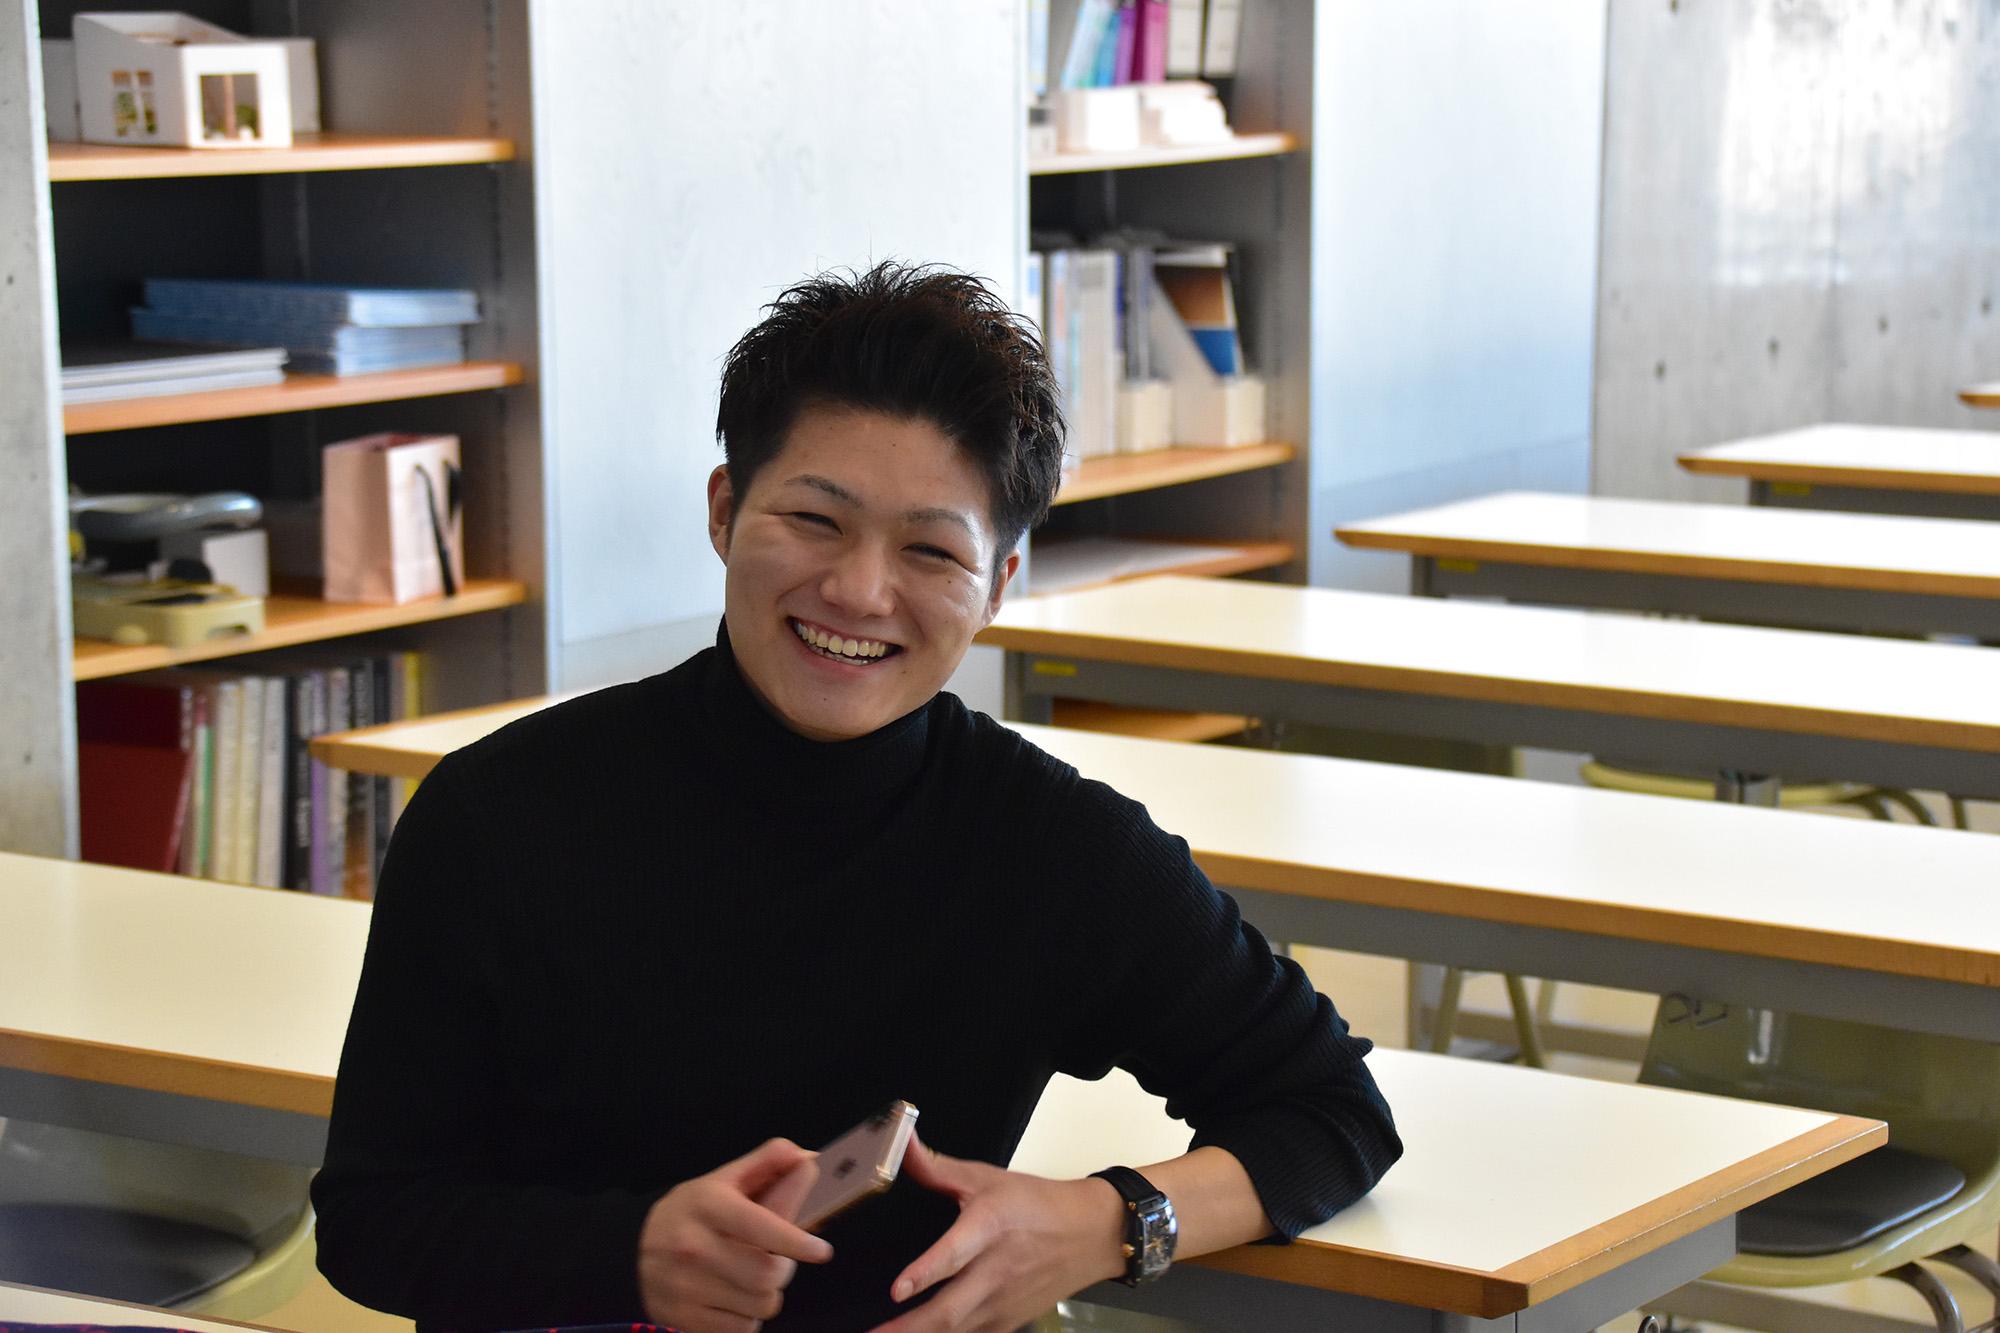 中央工学校OSAKAが中央工学校(本校)の見学に訪れました。